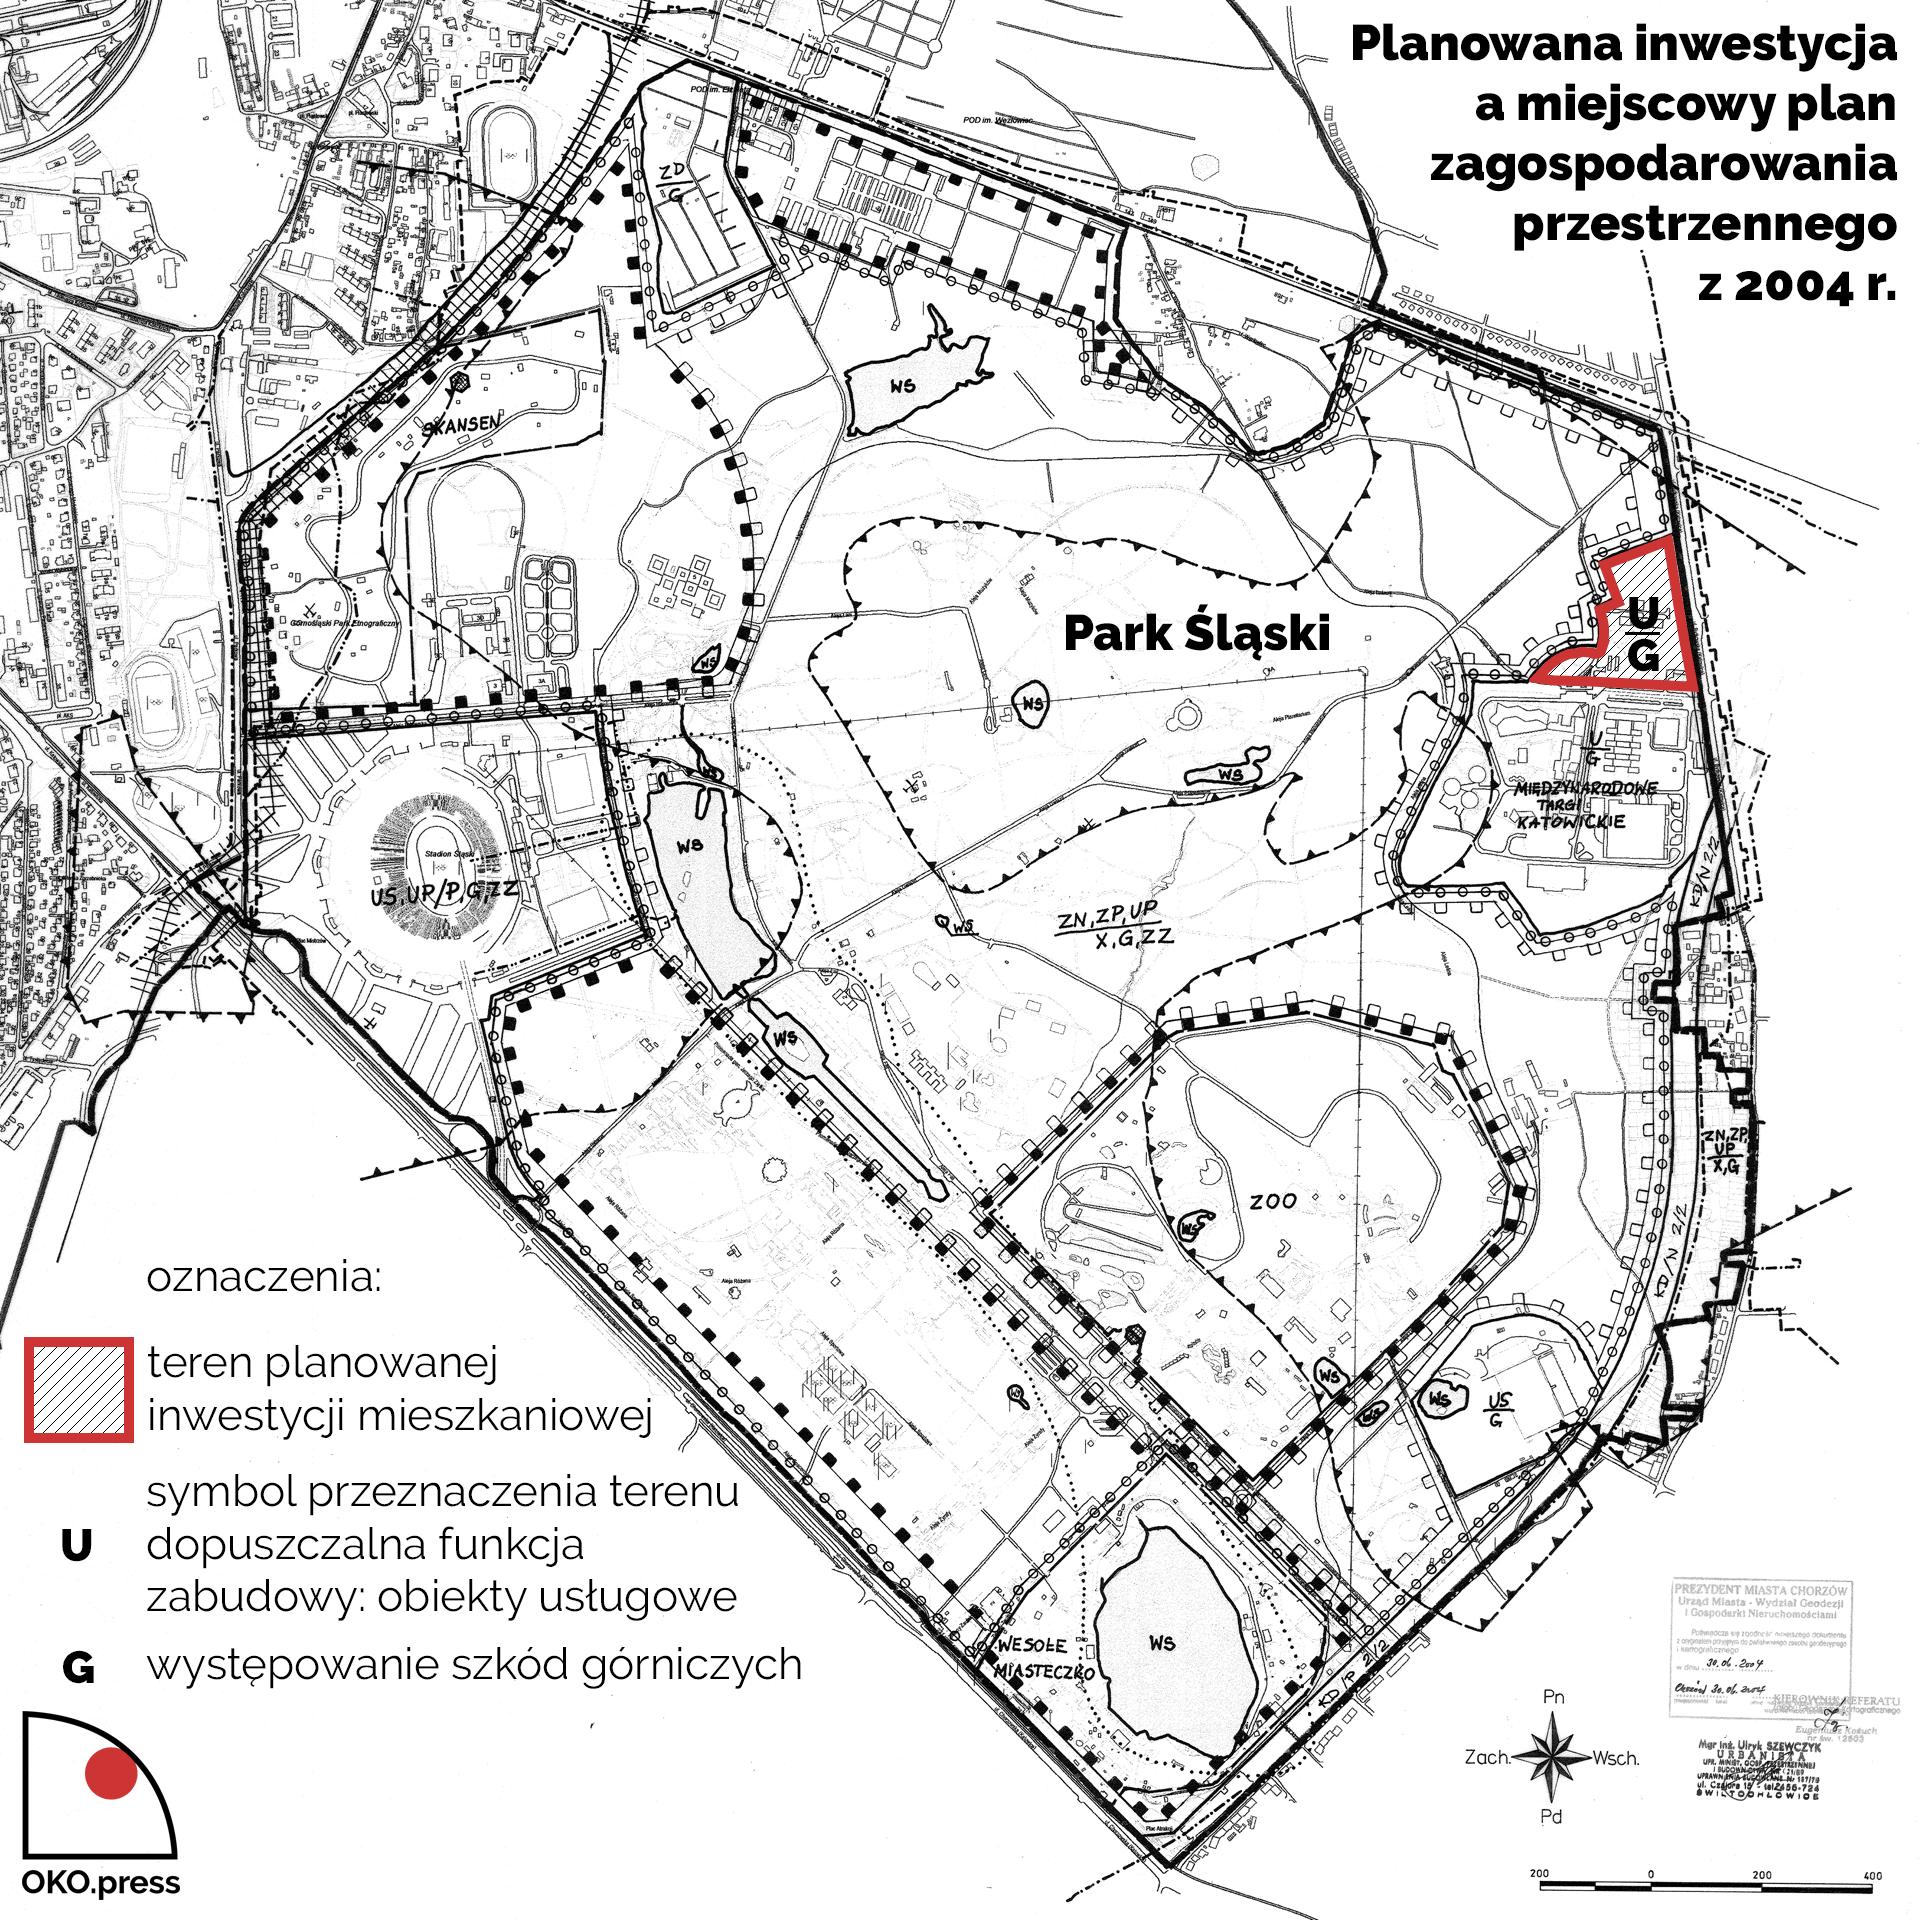 Planowana inwestycja przedstawiona na rysunku planu miejscowego Chorzowa